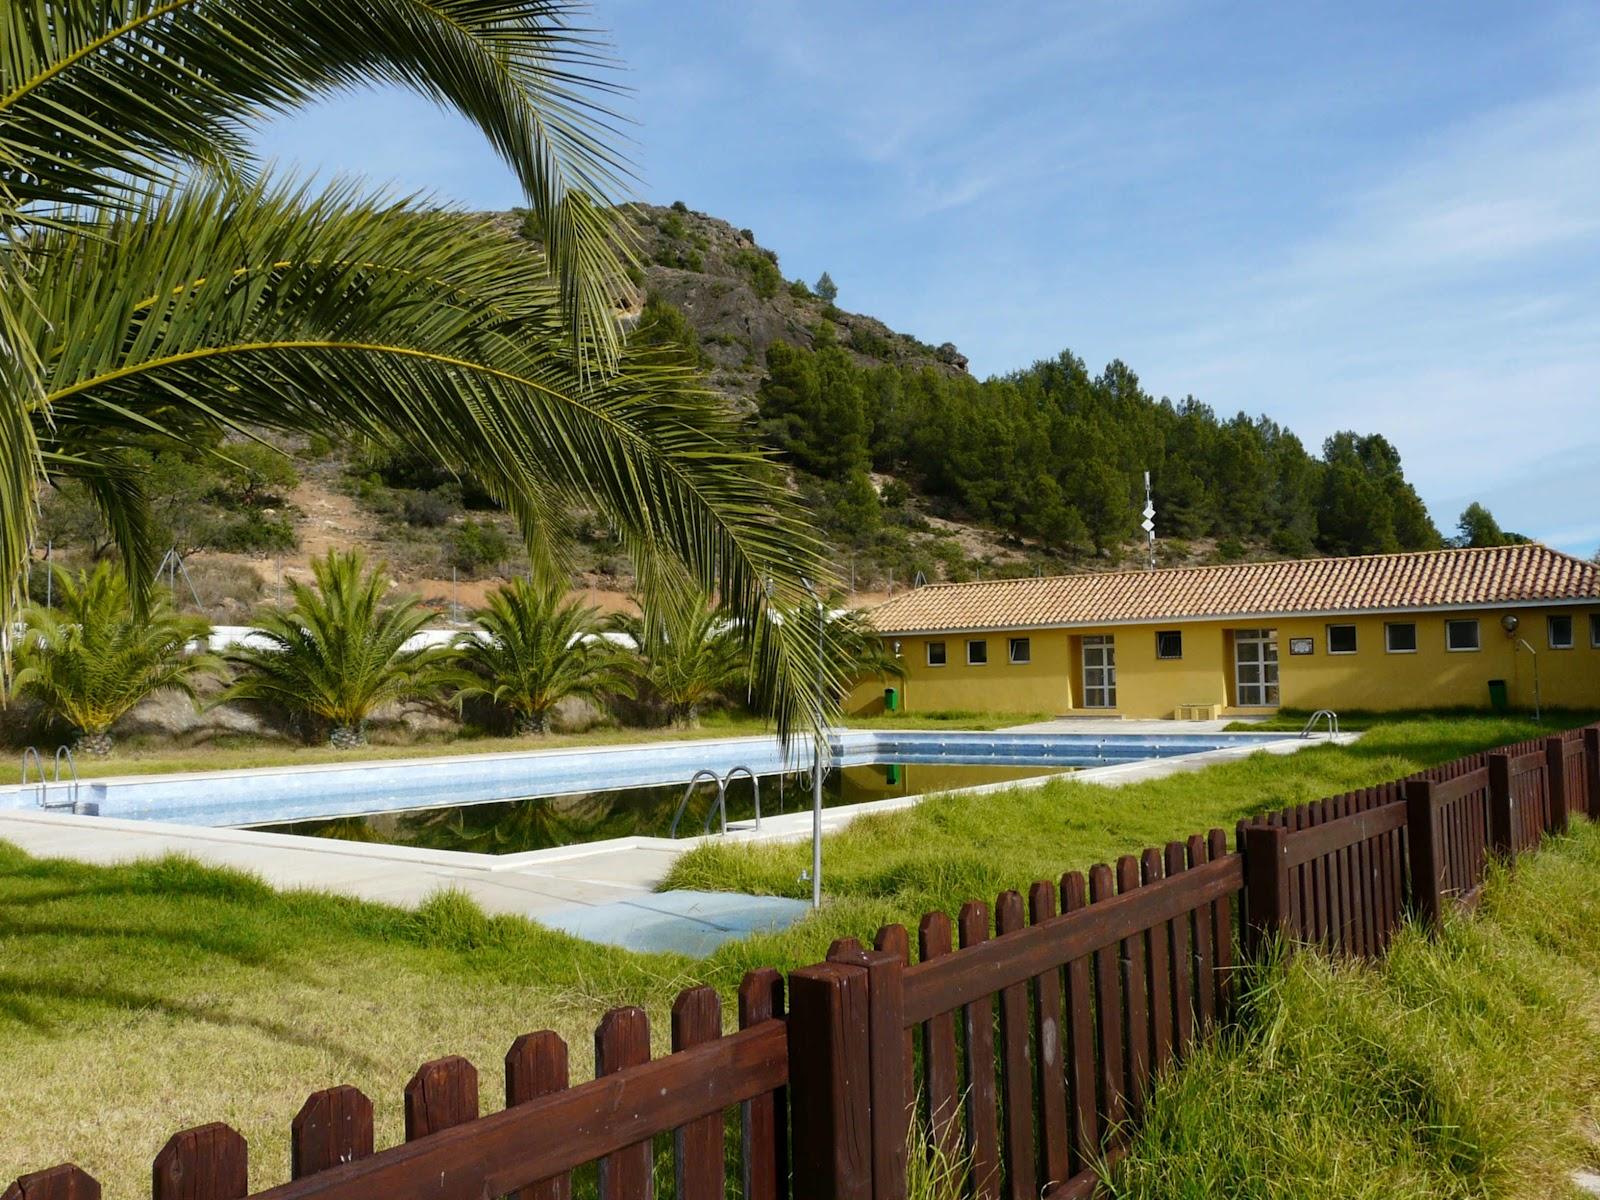 Tribuna popular de segorbe las piscinas y la for Piscina segorbe